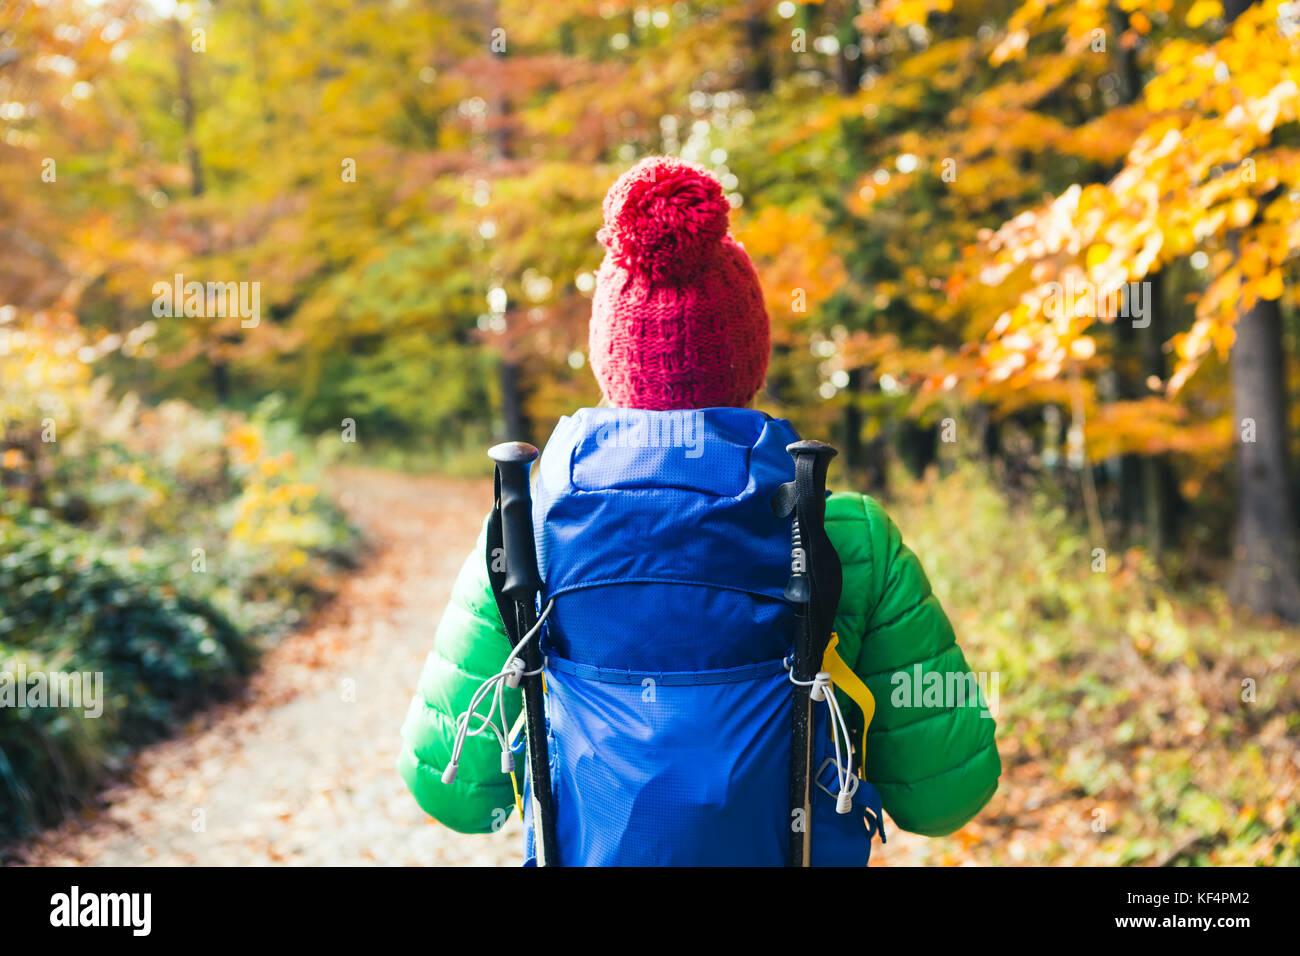 Wandern Frau mit Rucksack auf der Suche nach inspirierenden Herbst goldene Wälder. Fitness Reisen und gesunden Stockbild